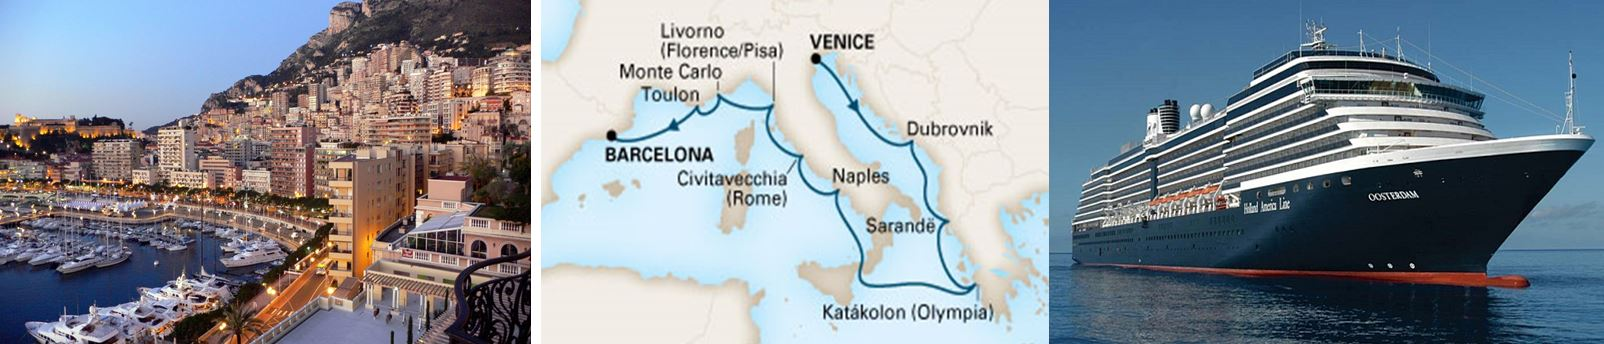 Круиз Средиземноморье и Адриатика: из Венеции в Барселону